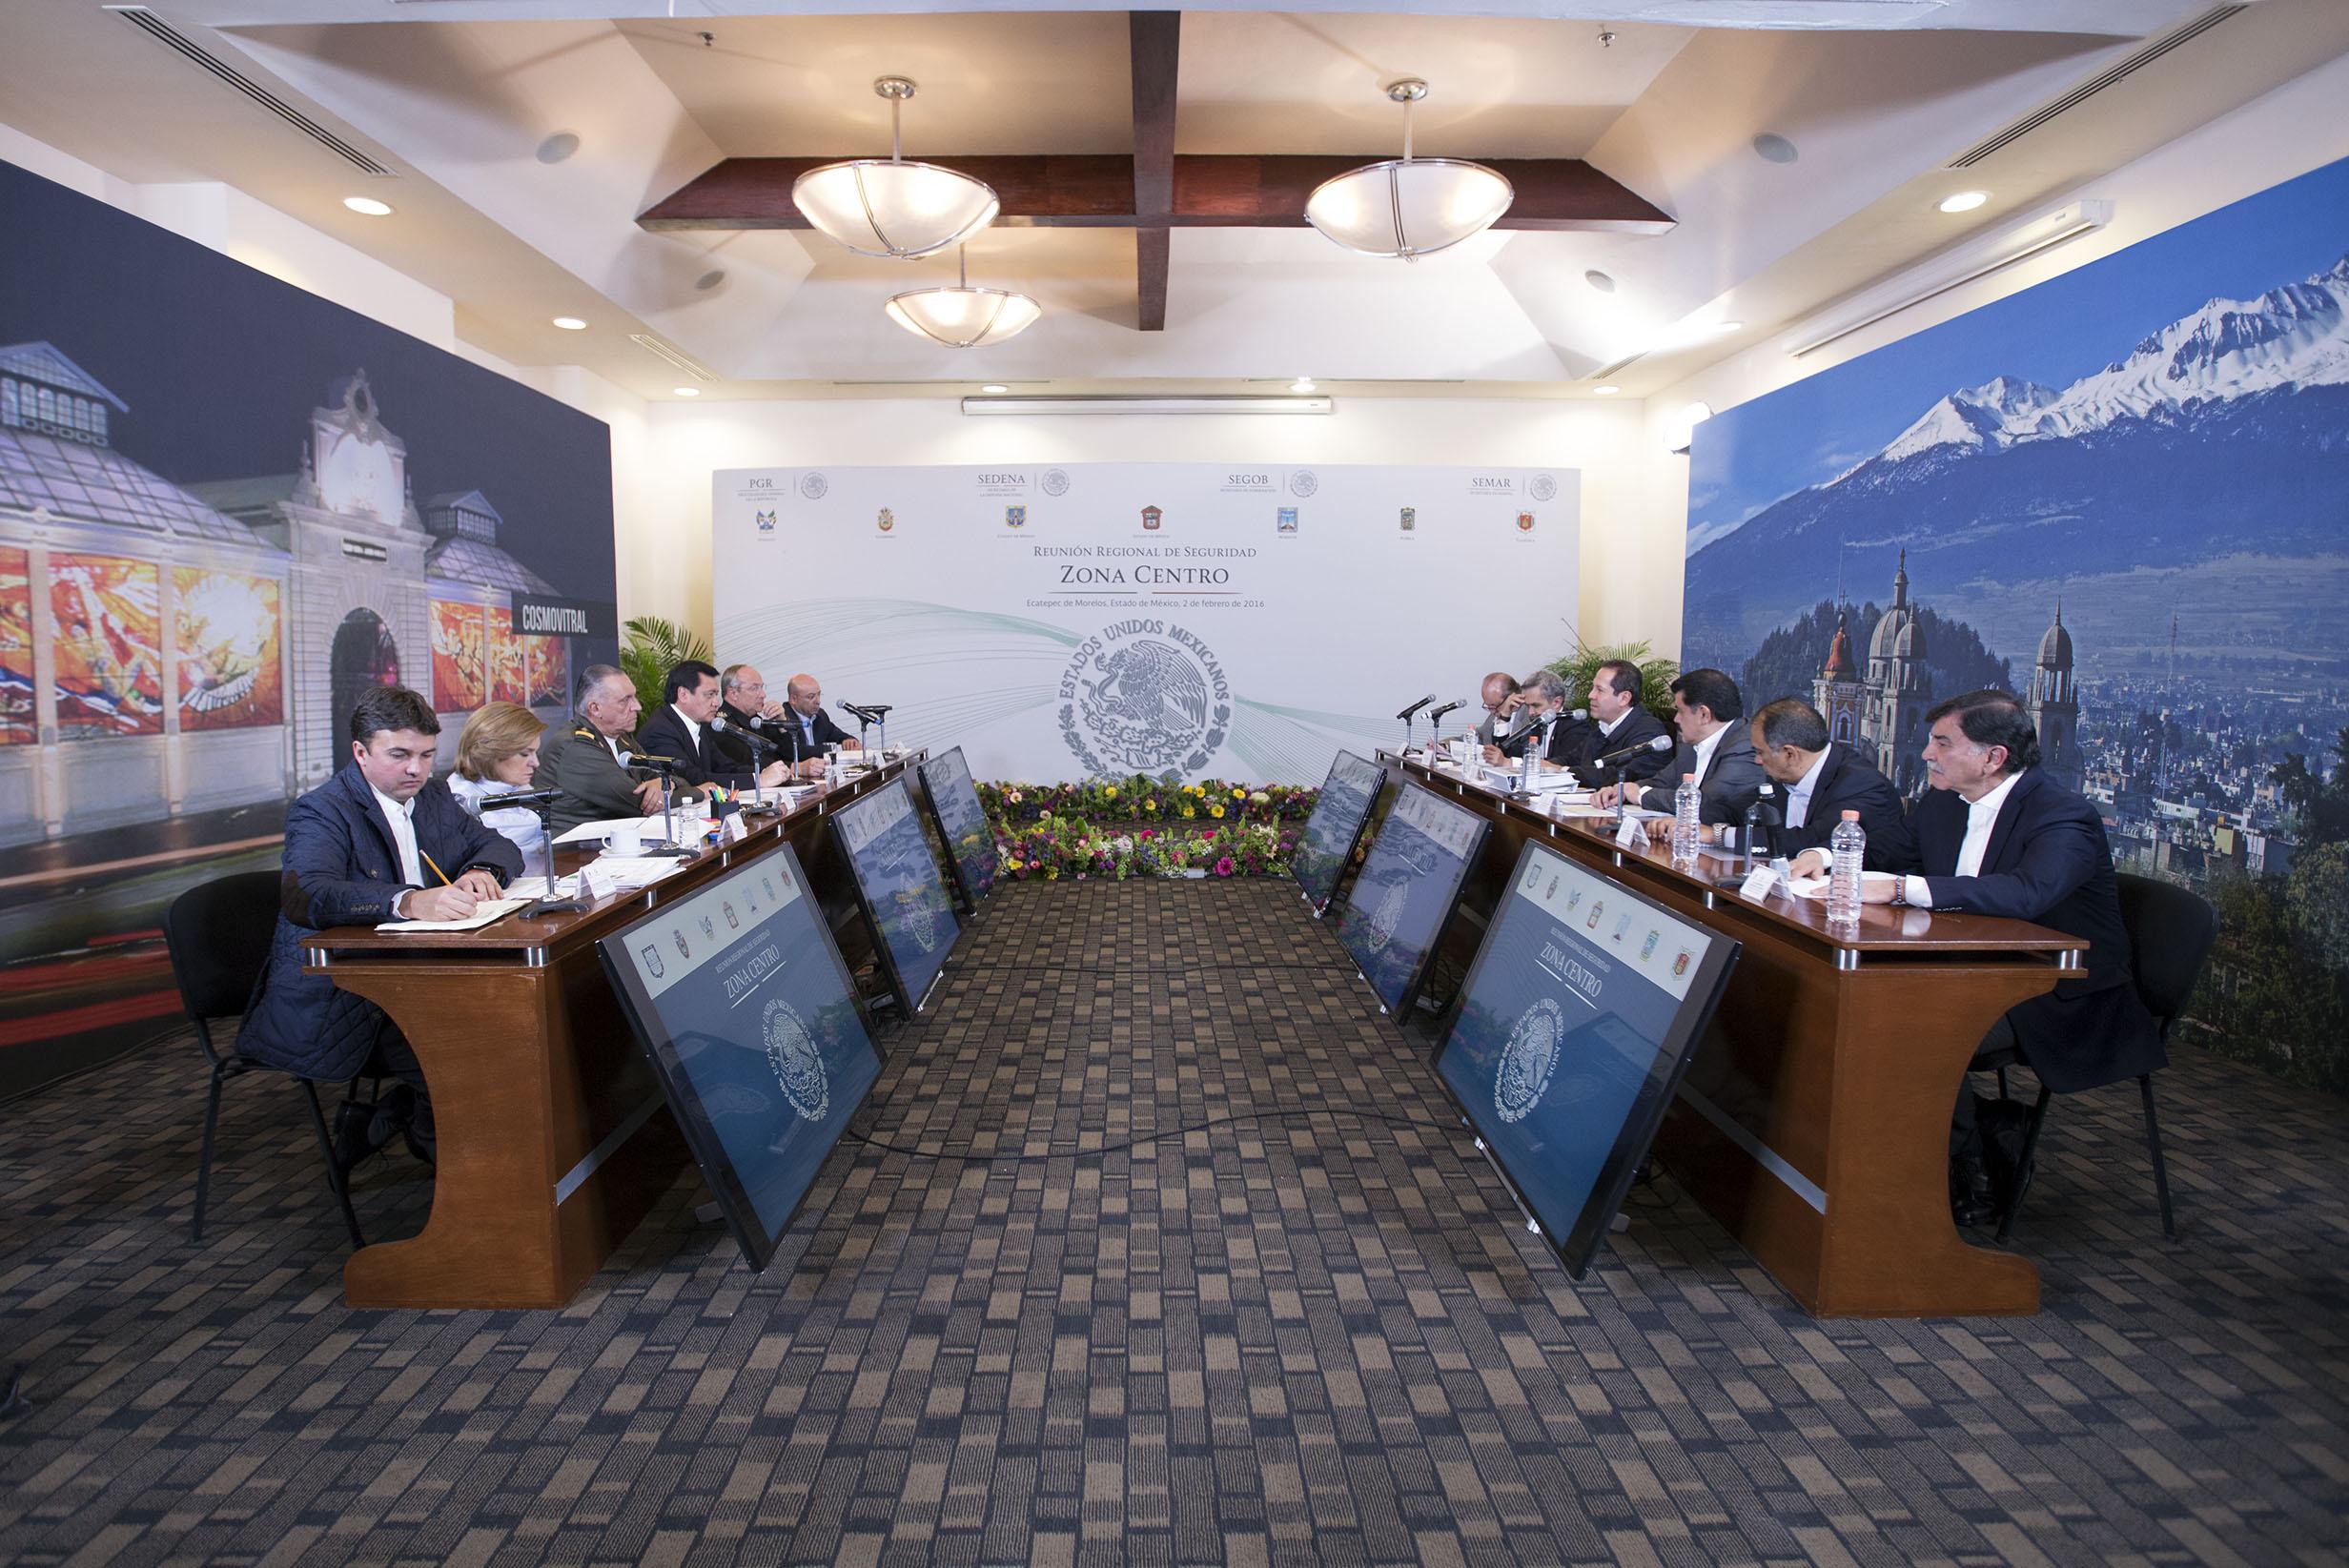 El Secretario de Gobernación, Miguel Ángel Osorio Chong, encabeza la Reunión de Seguridad Zona Centro en Ecatepec, Estado de México